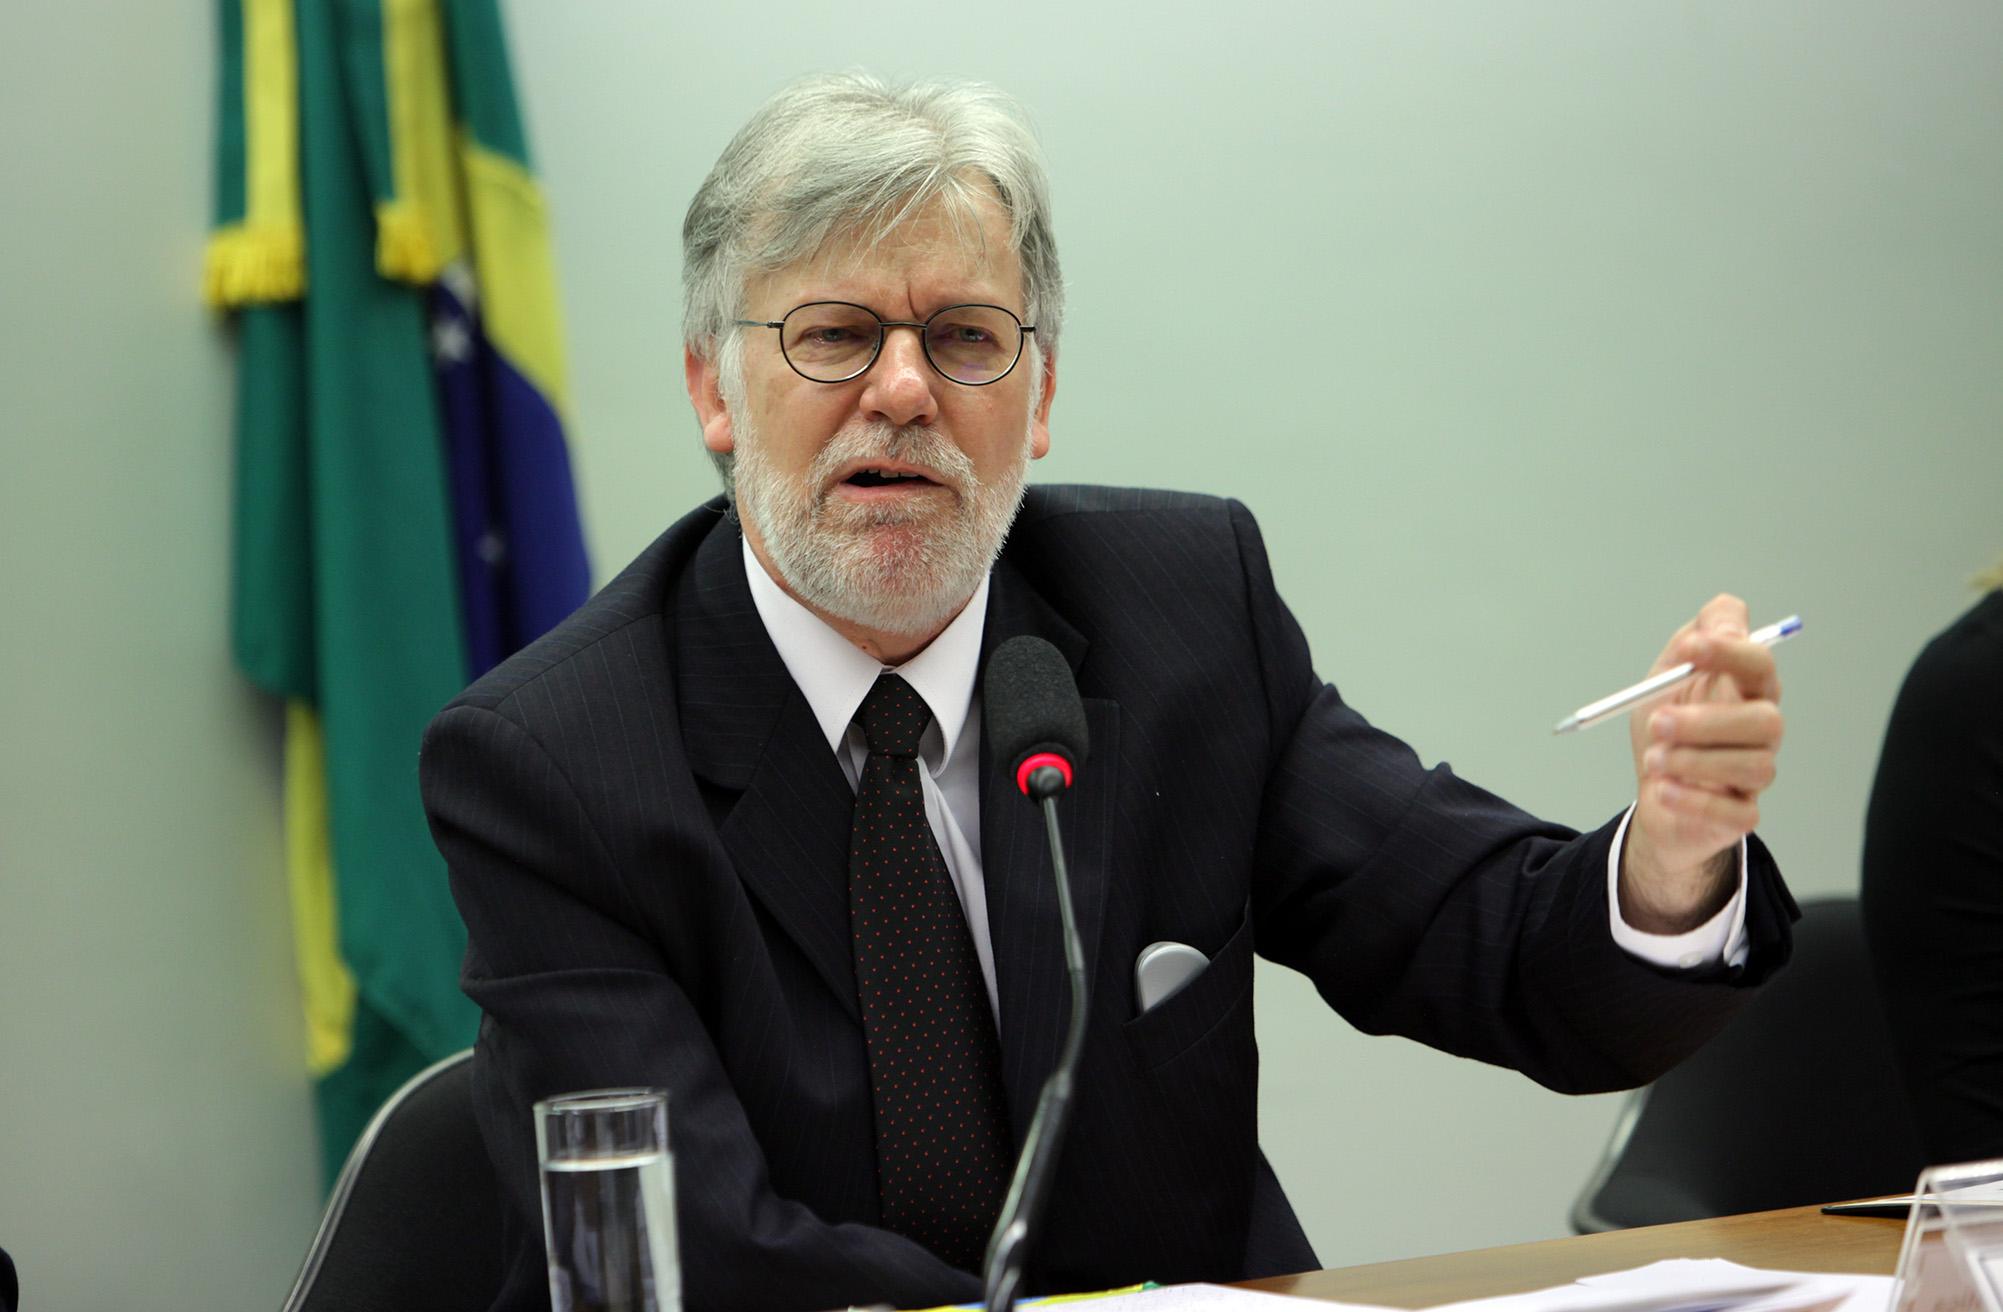 AMAPAR e EMAP convidam para palestra com o ministro Sérgio Kukina